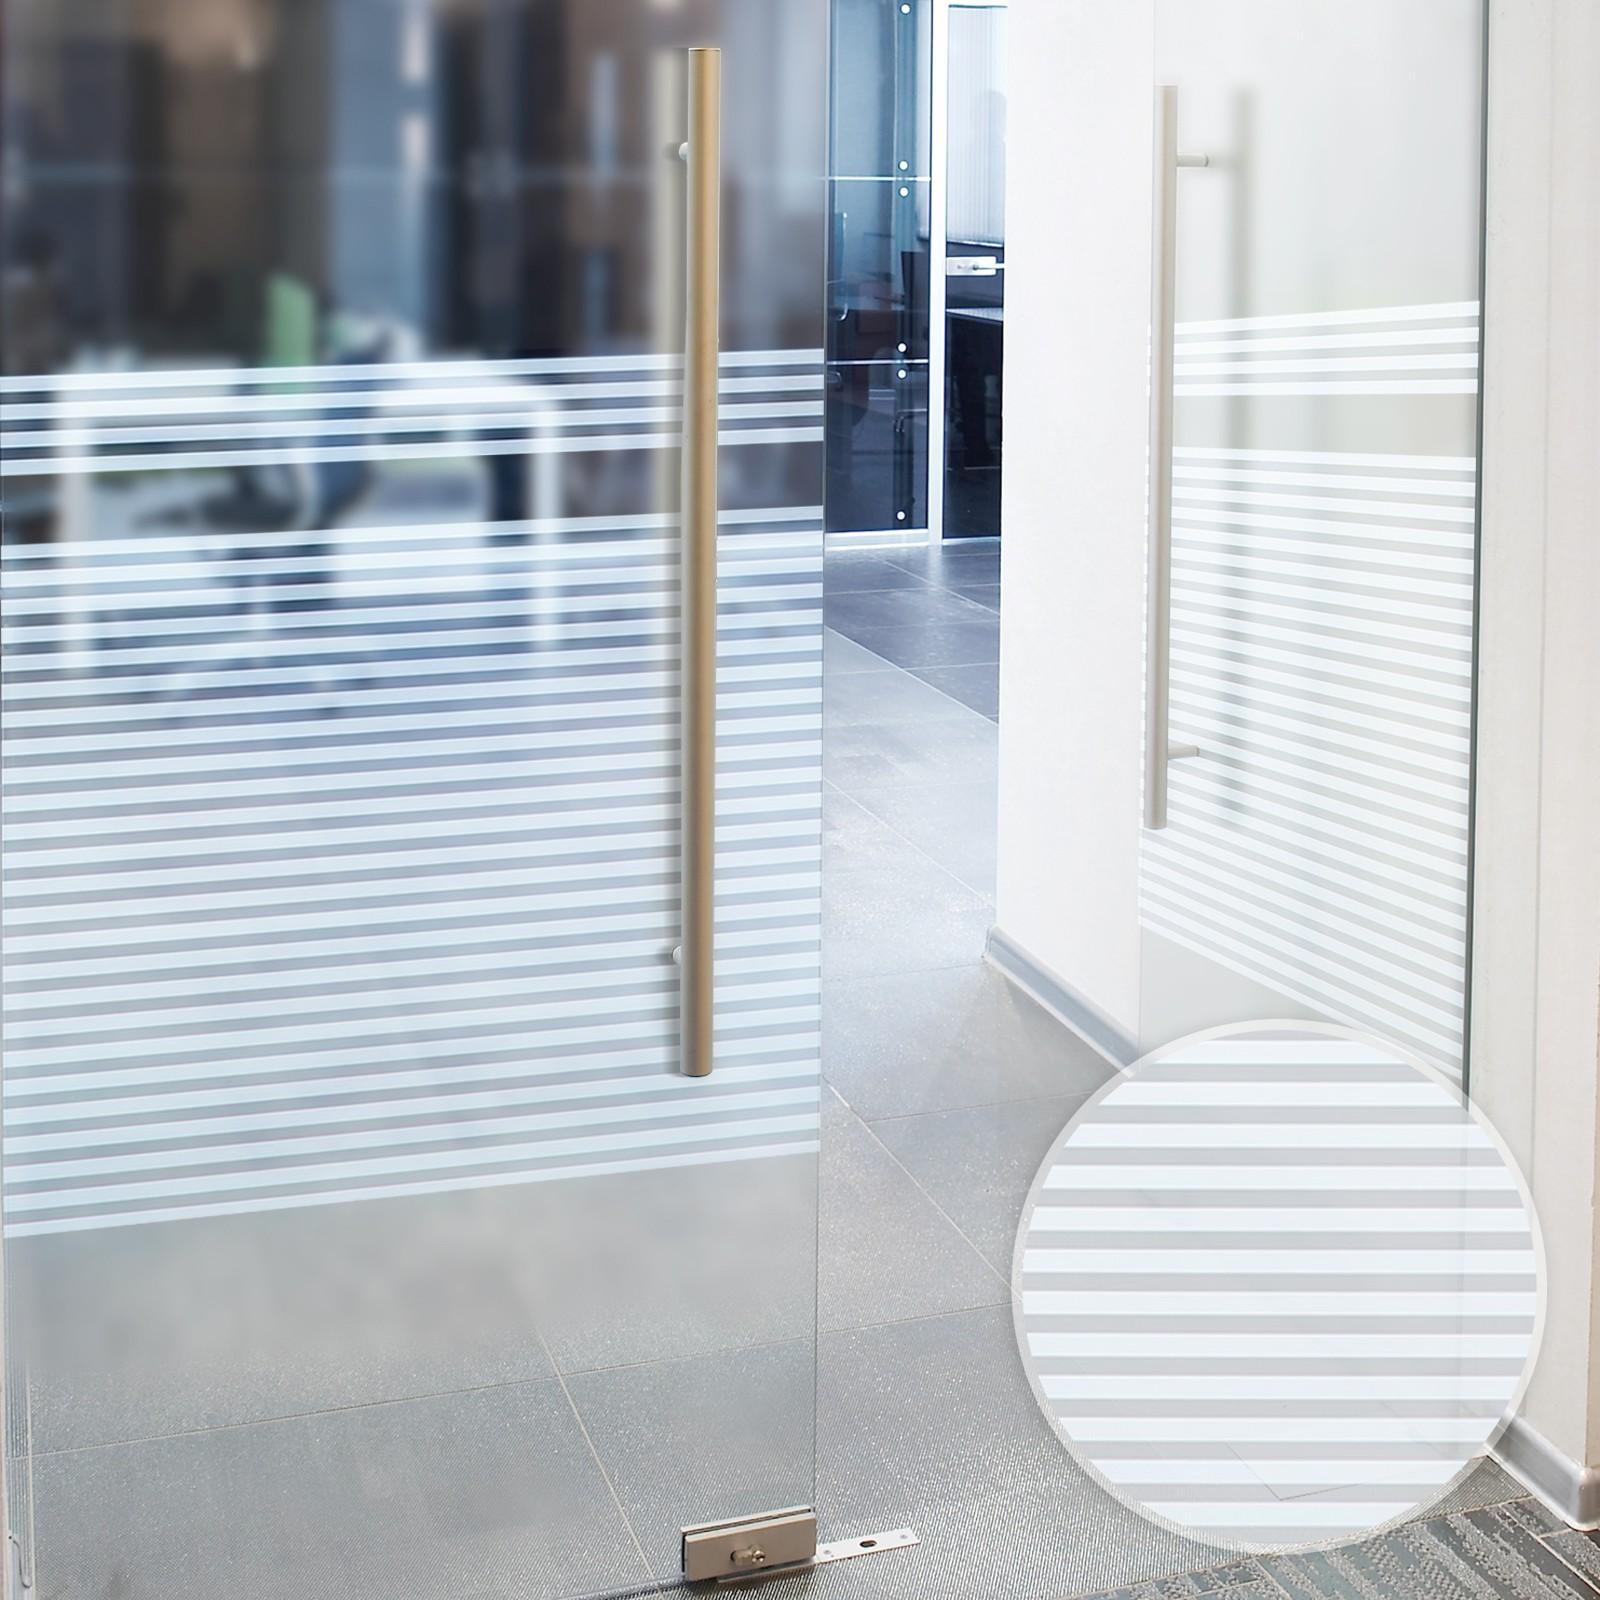 Full Size of Fenster Sicherheitsfolie Sicherheitsfolien Einbruch Test Berlin Amazon Montage Kosten Randanbindung Preis Fensterfolie Badezimmerfenster Aluminium Rollos Ohne Fenster Fenster Sicherheitsfolie